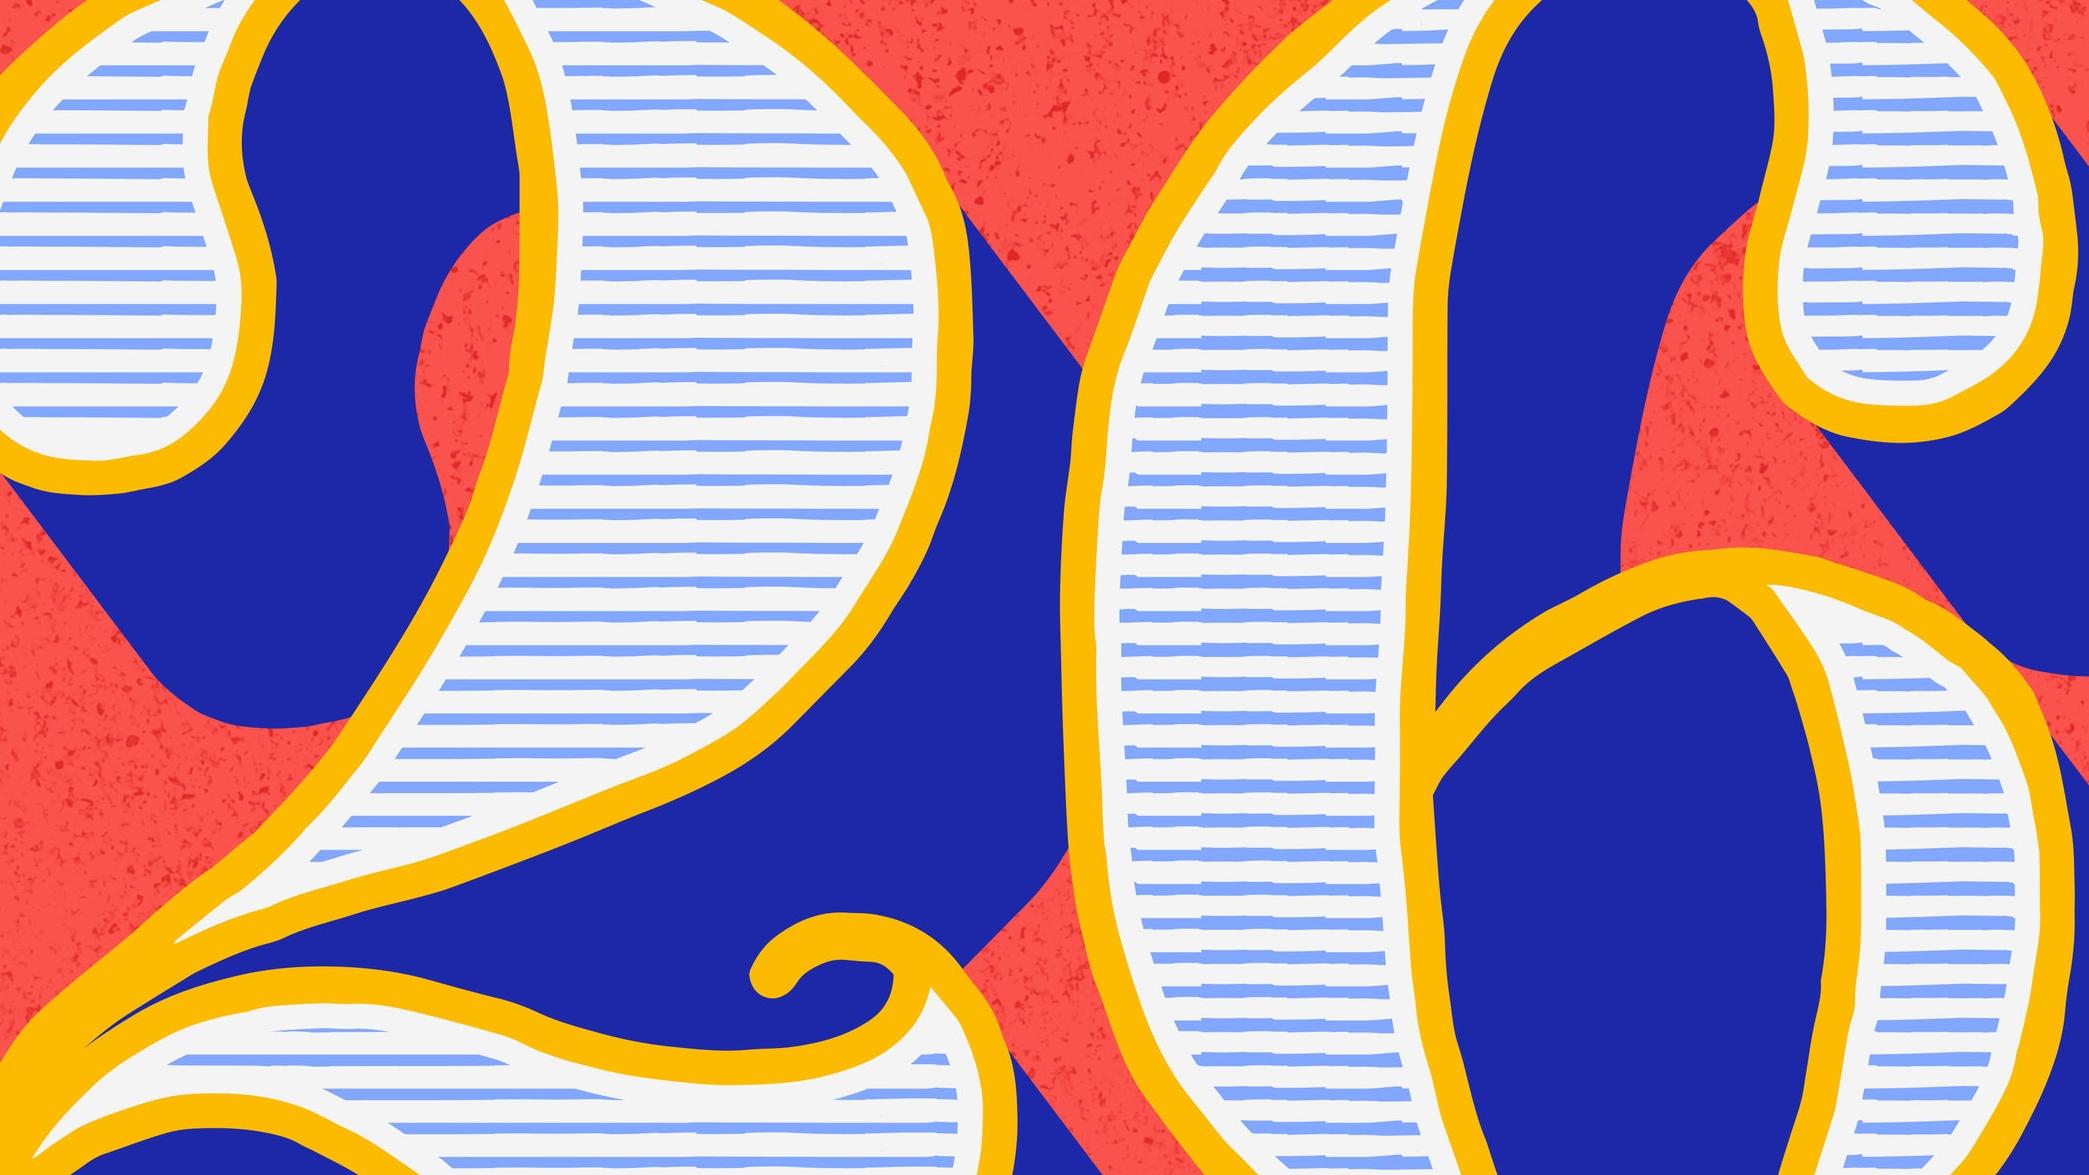 twentysix.jpg